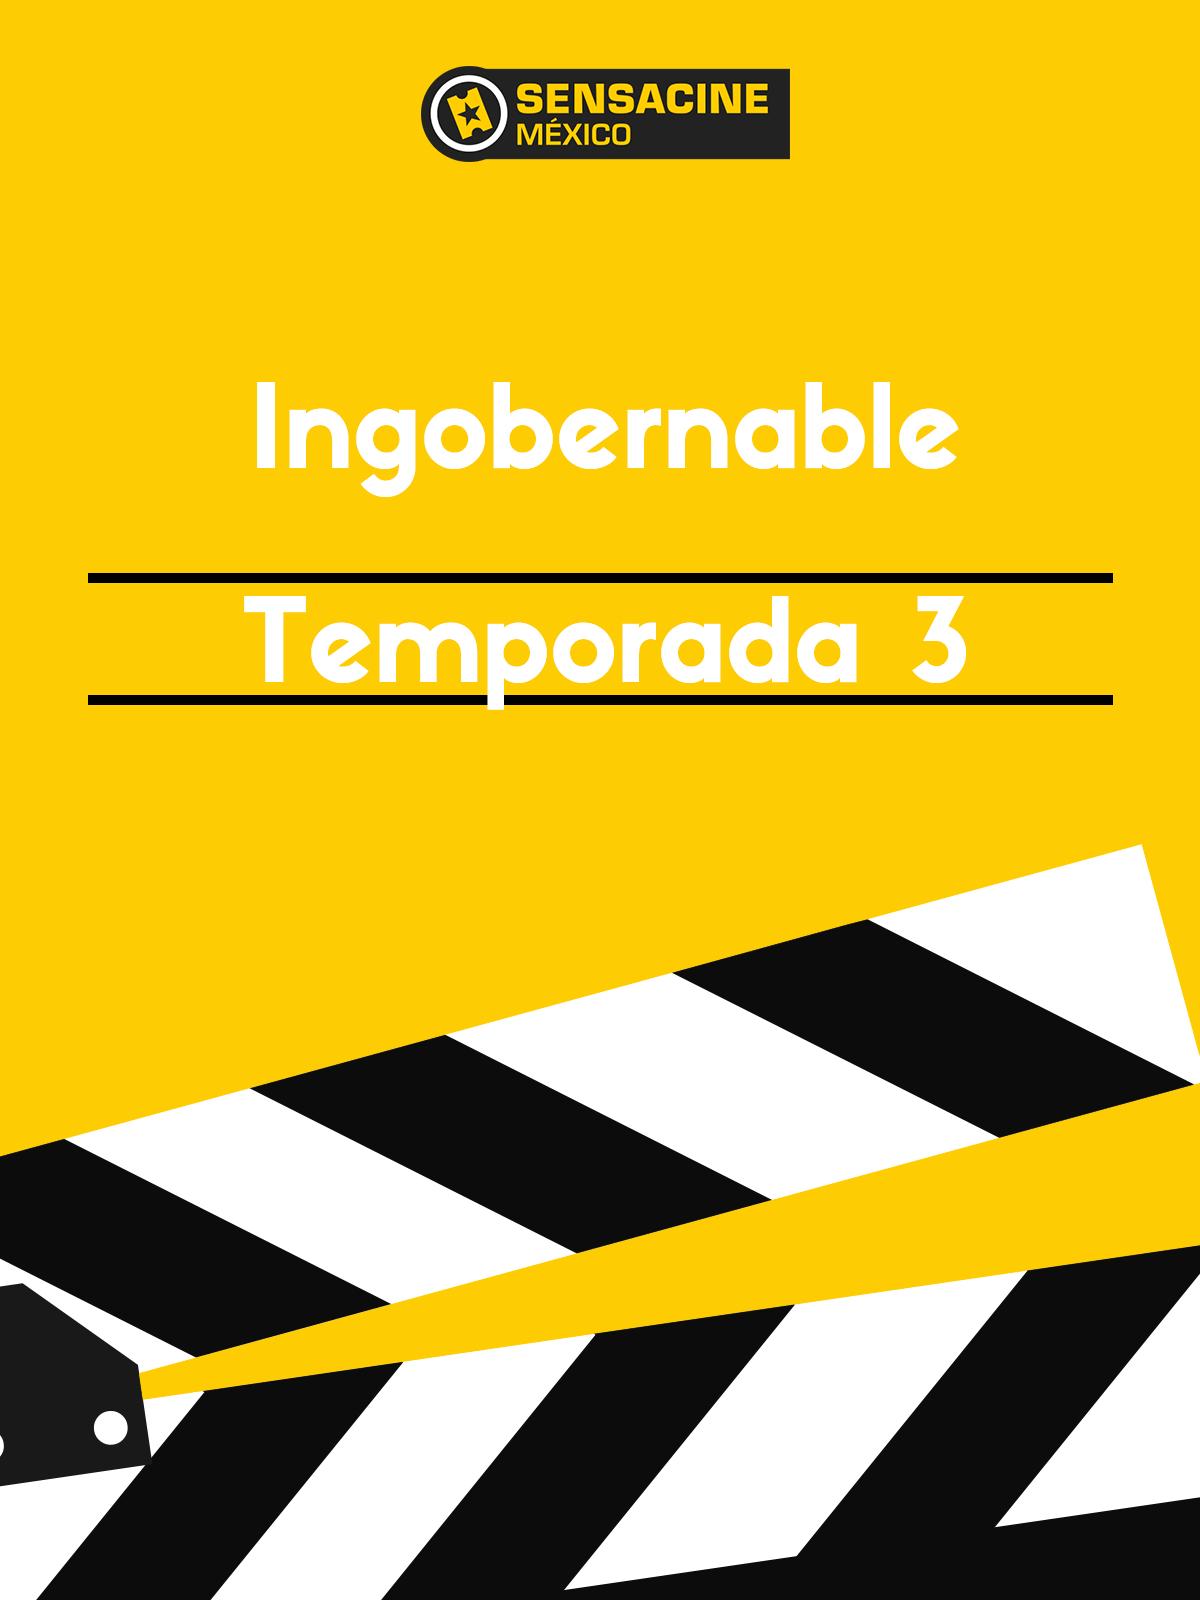 Ingobernable Temporada 3 Sensacine Com Mx